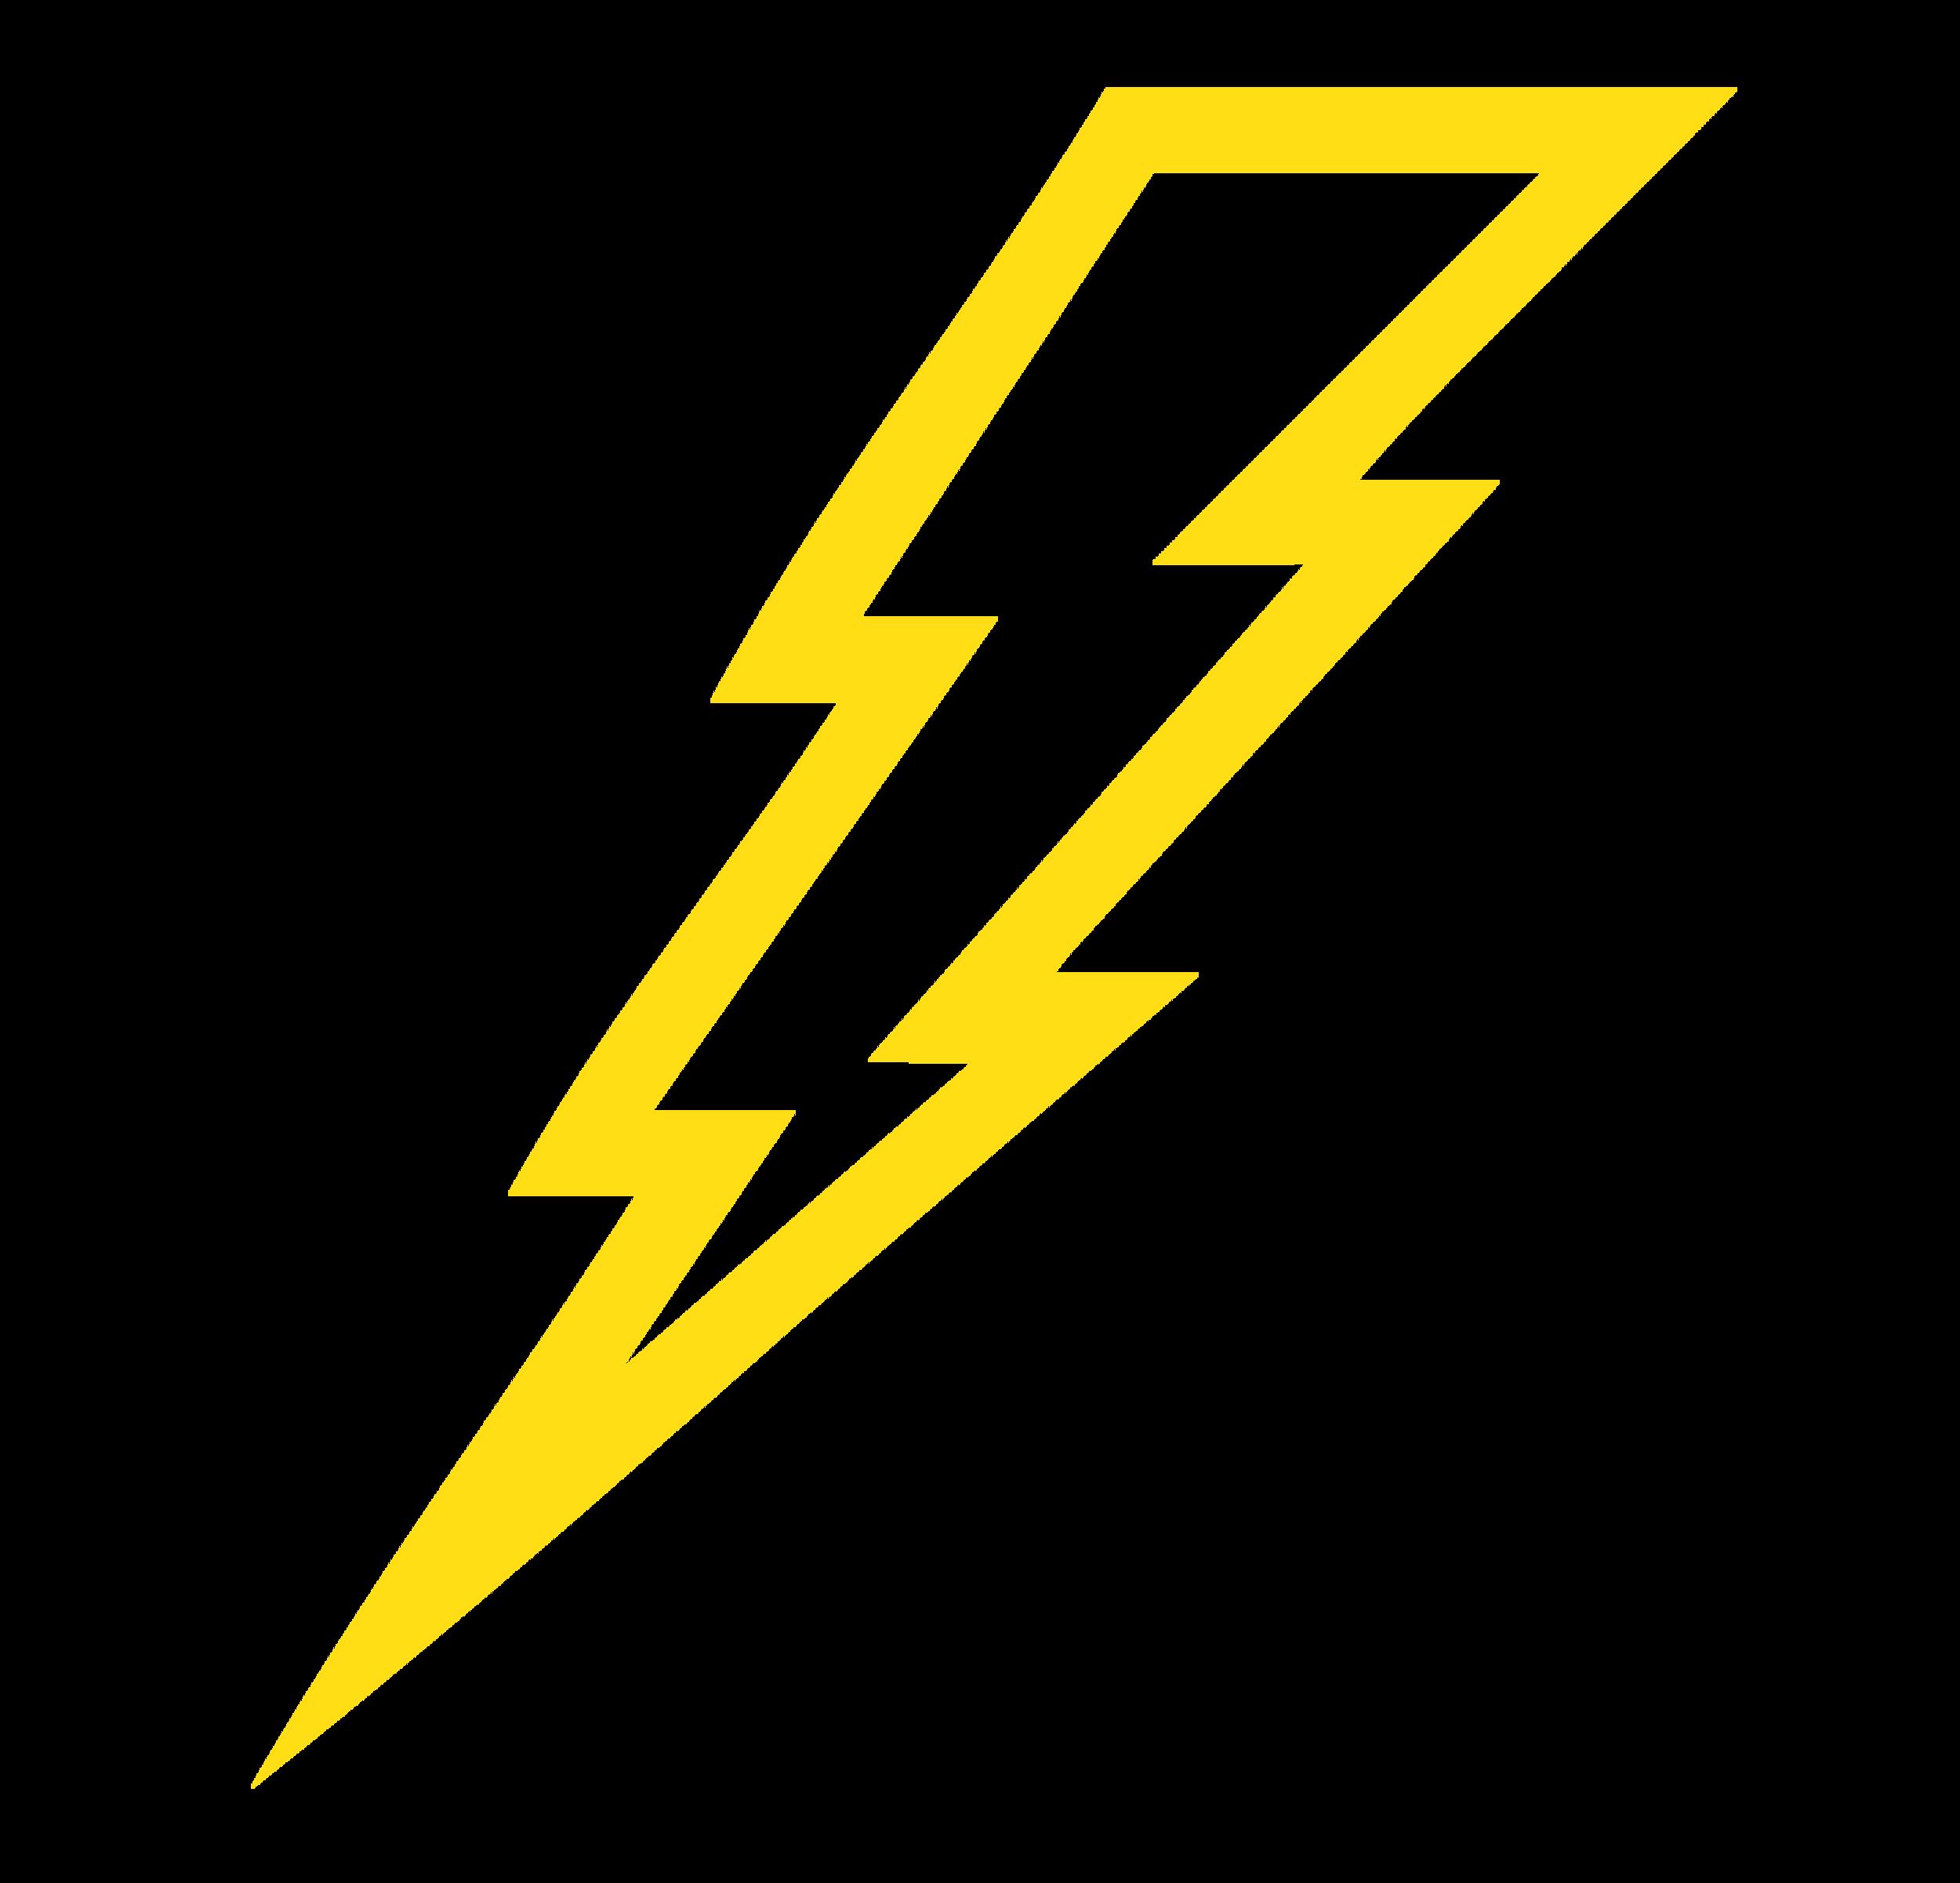 2500x2402 Clipart Of A Lightning Bolt